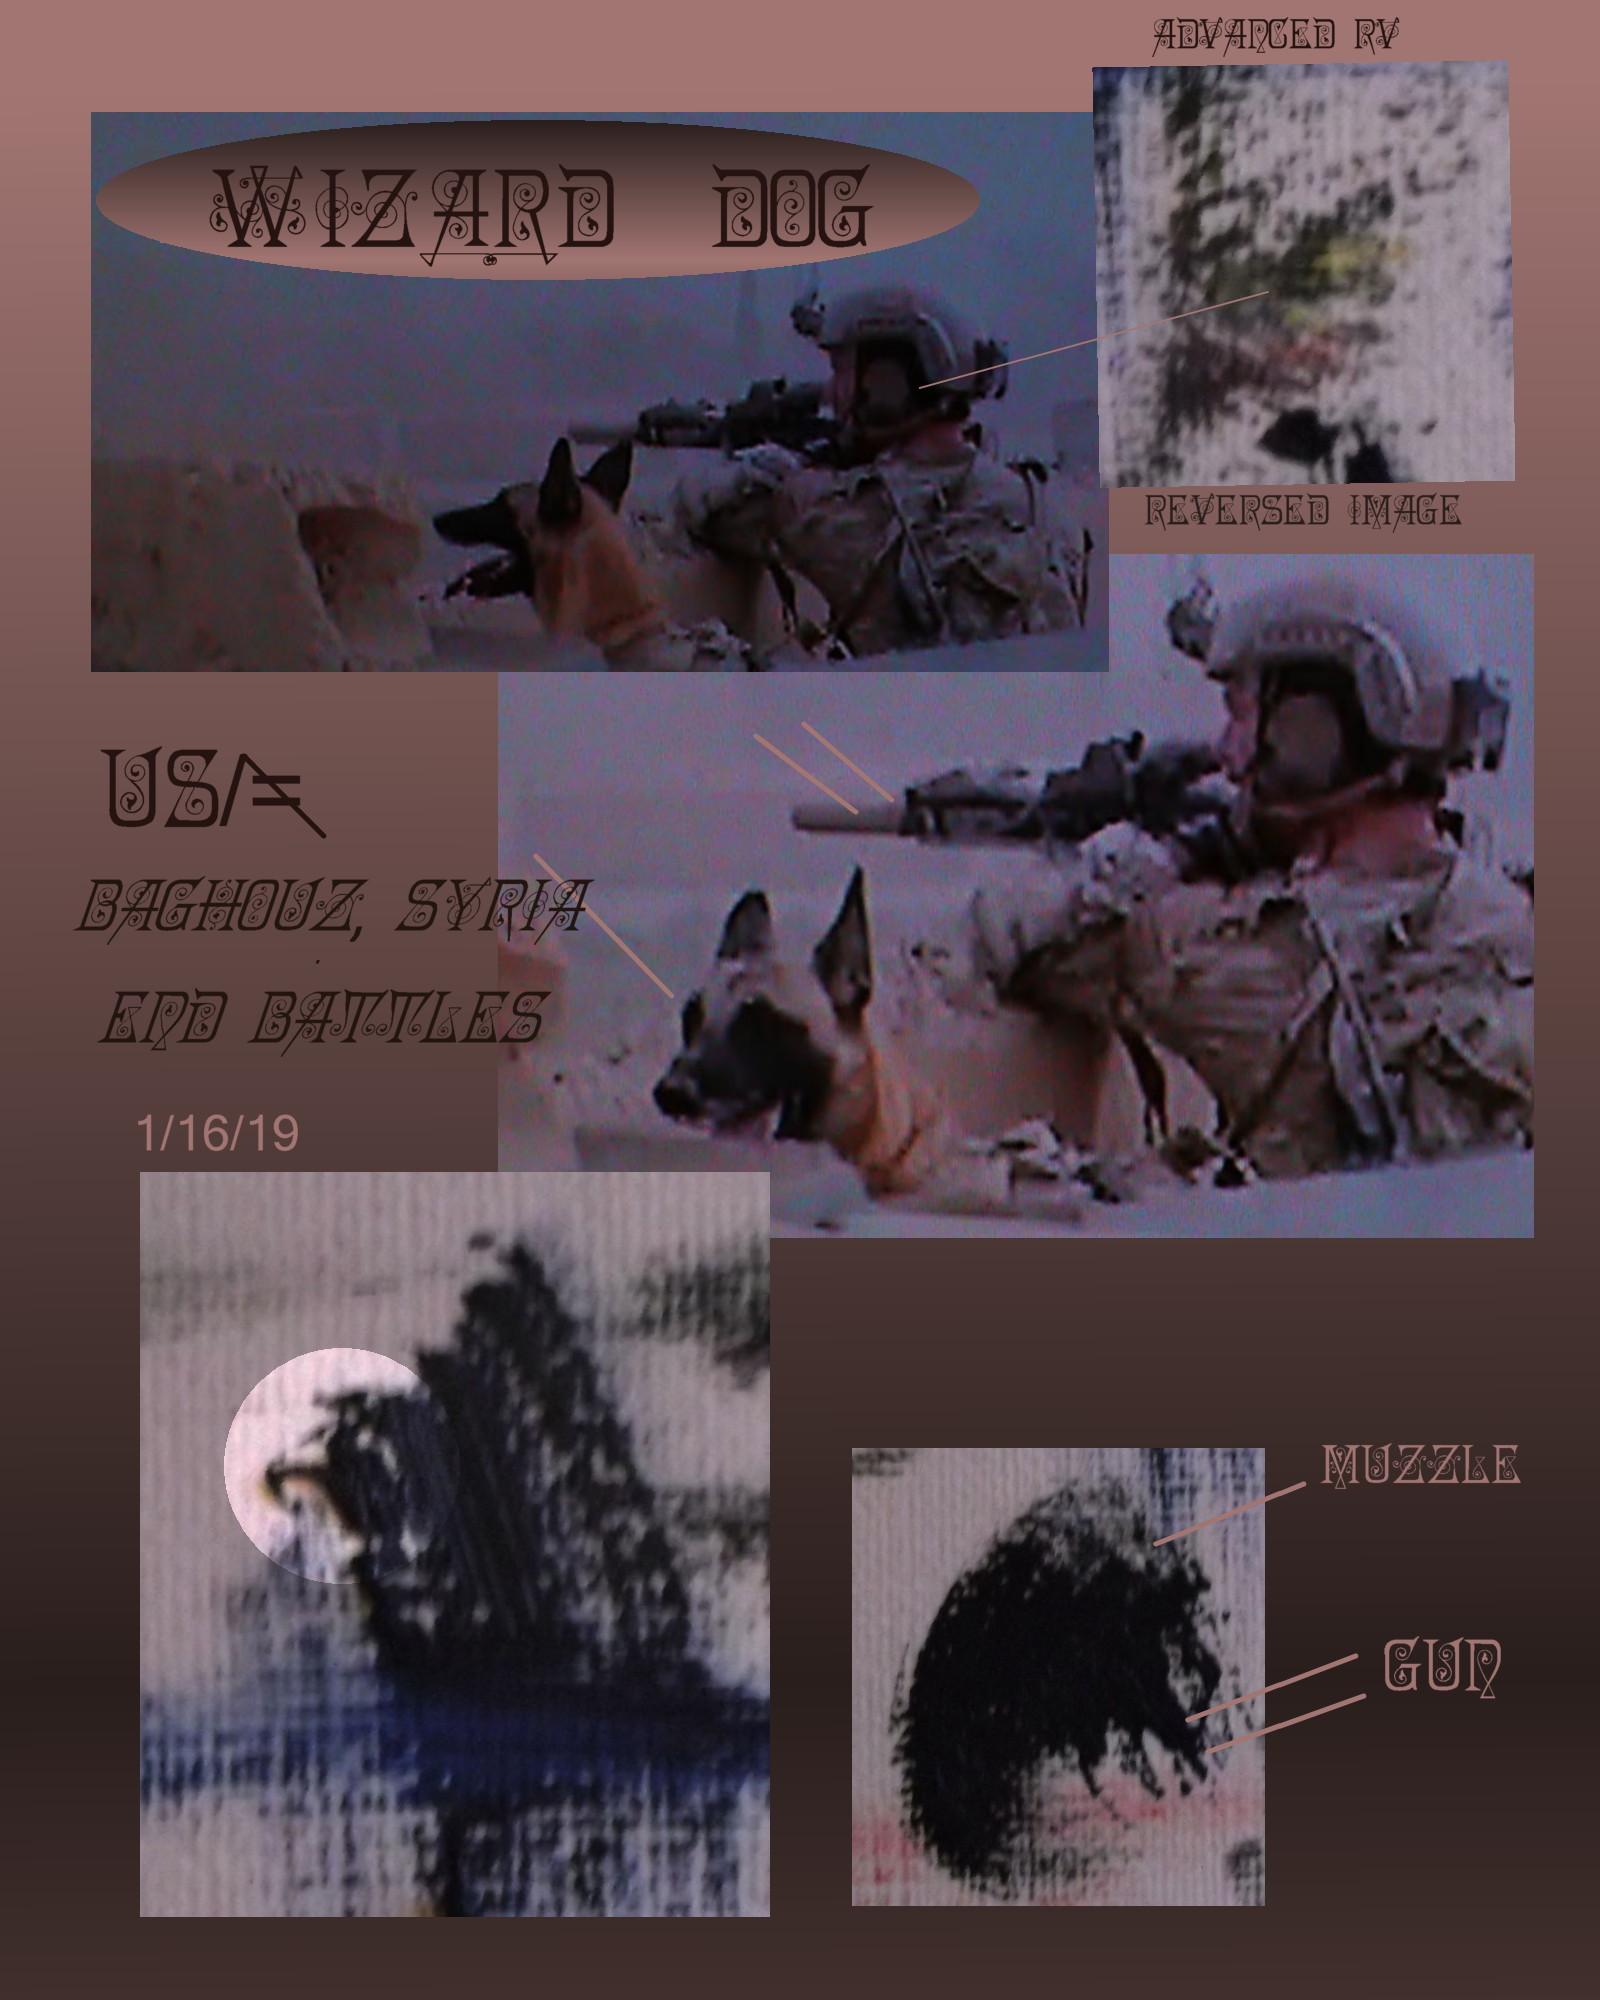 dog black face afghan or syria usa troop